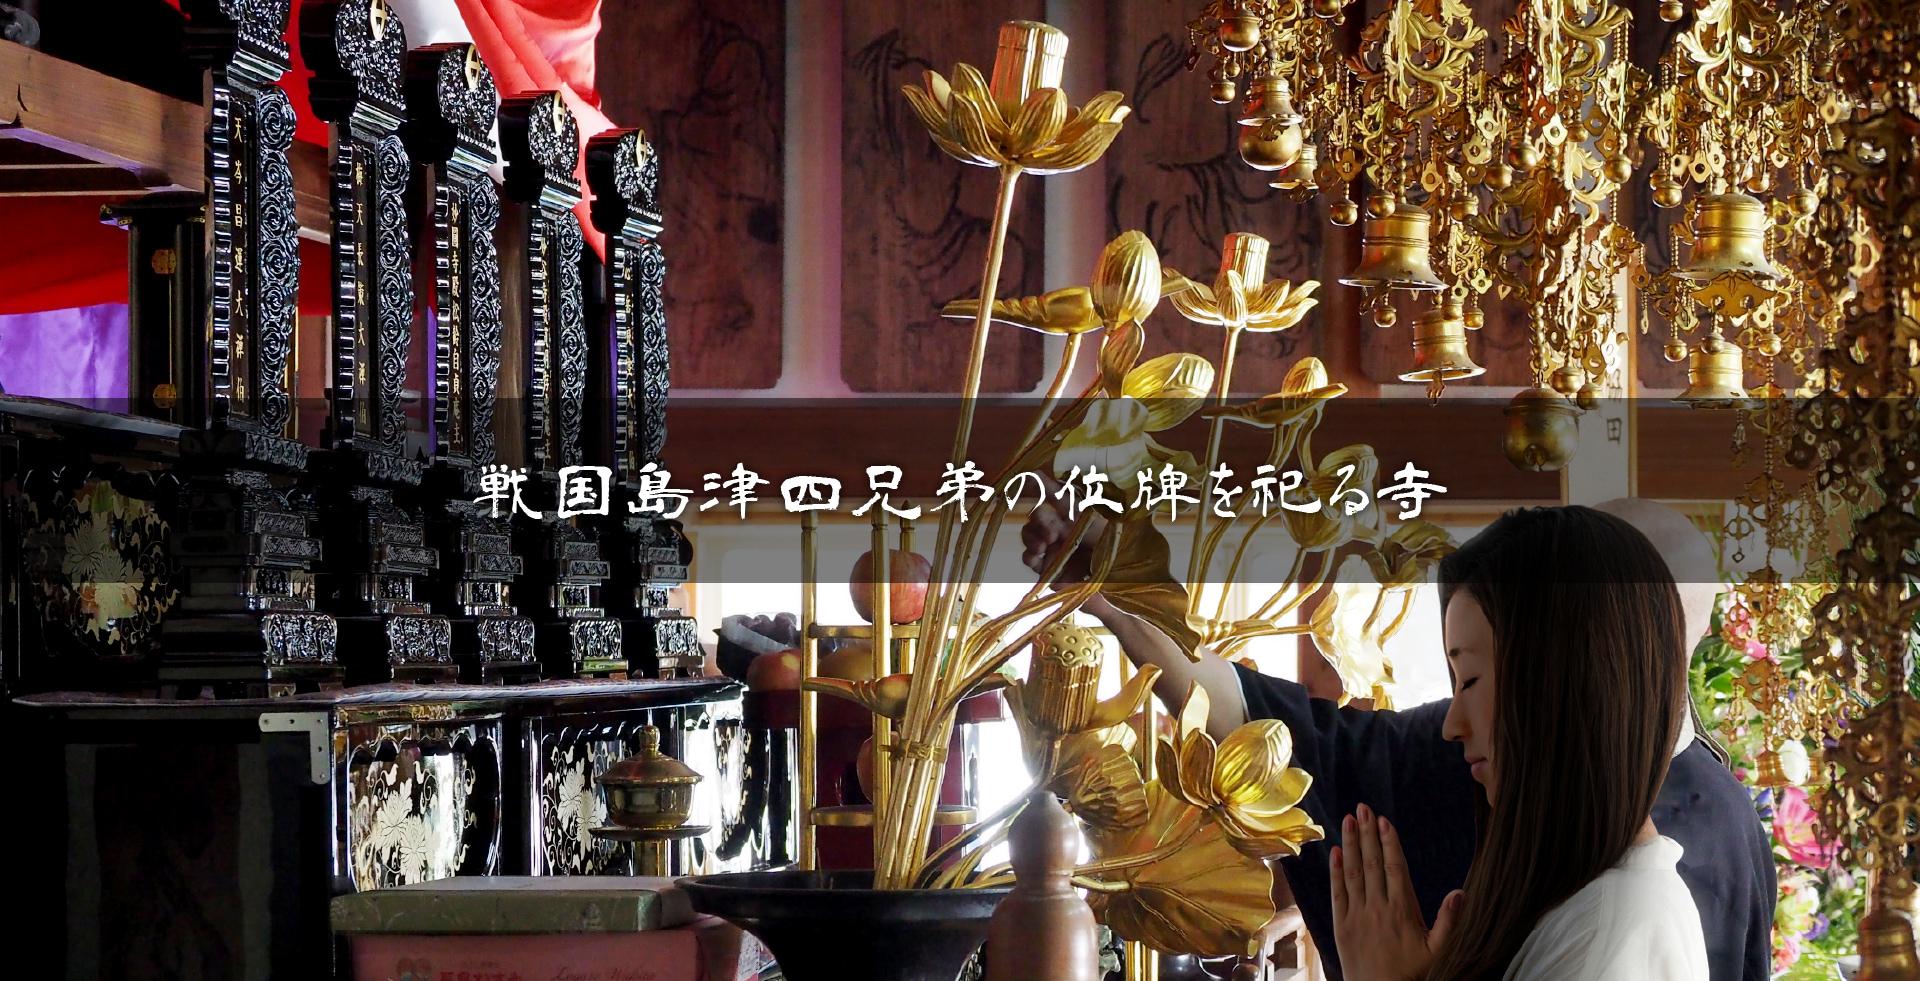 戦国島津四兄弟の位牌を祀る寺